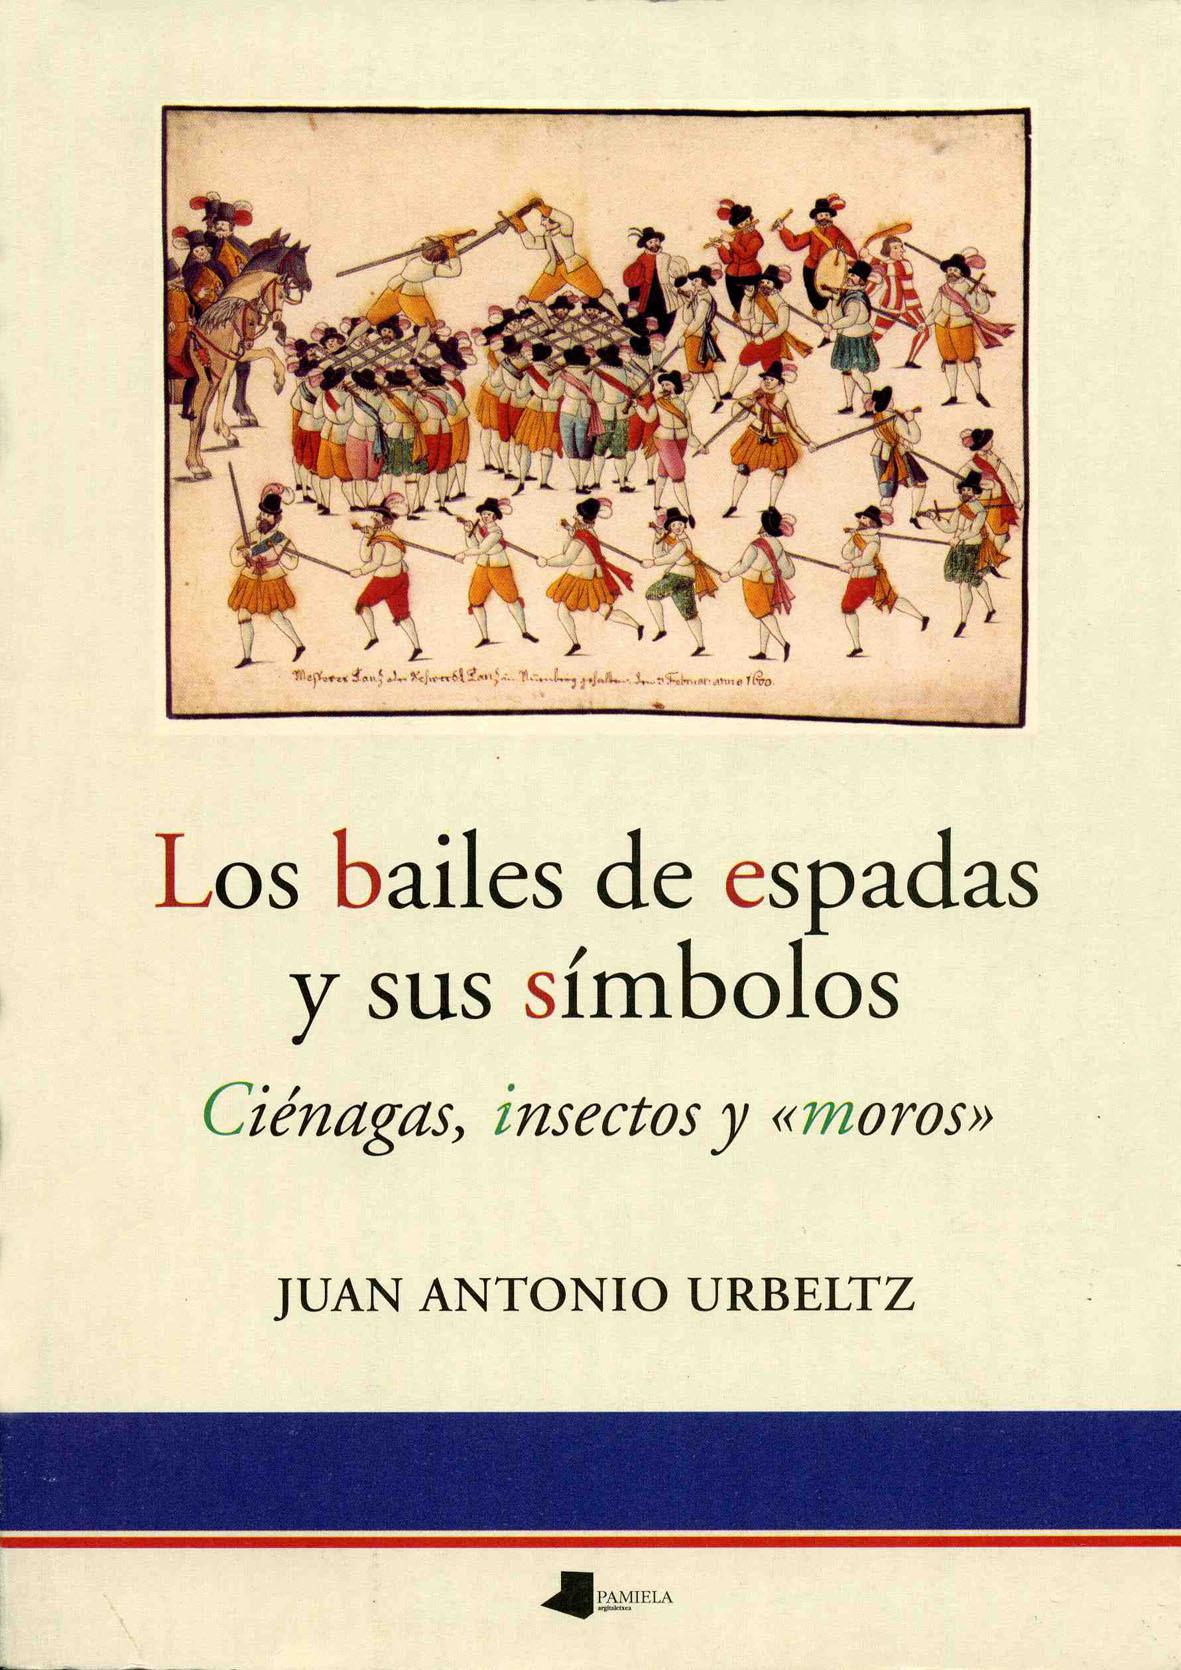 LOS BAILES DE ESPADA Y SUS SIMBOLOS. CIENAGAS, INSECTOS Y ´MOROS´